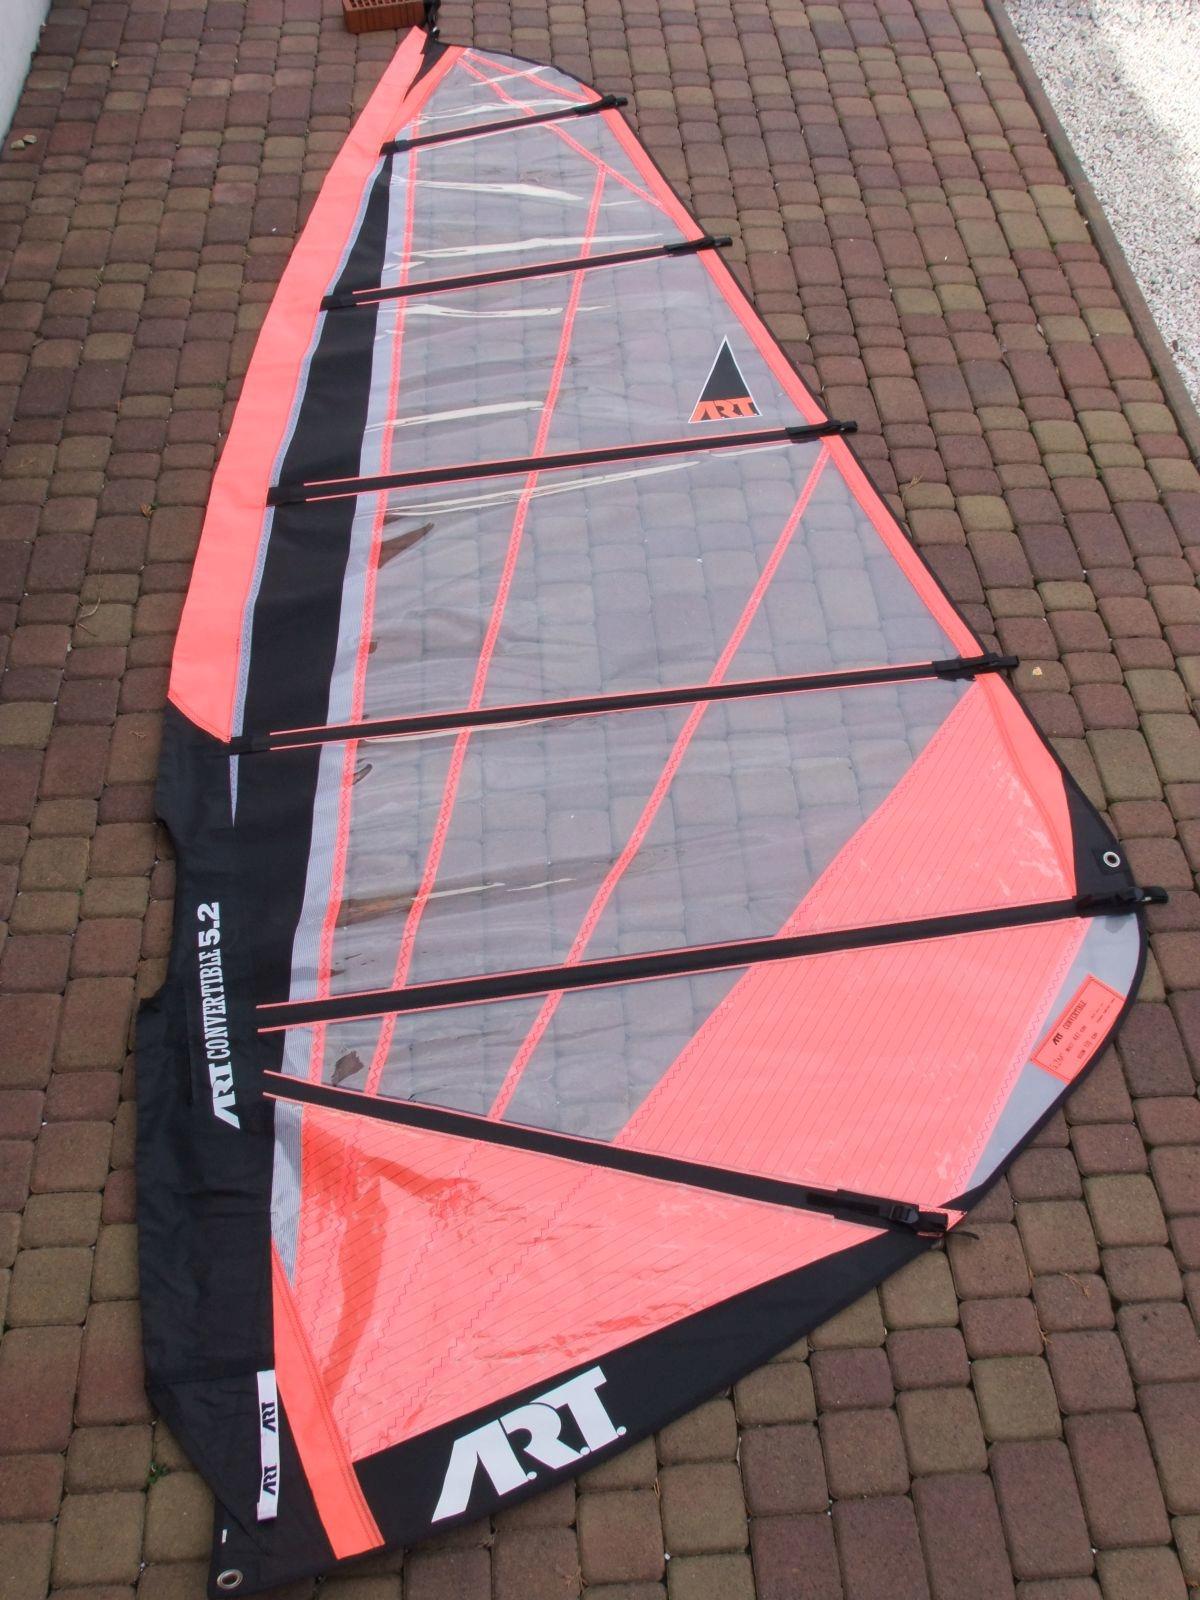 Żagiel do windsurfingu ART .-pow.5,2 m